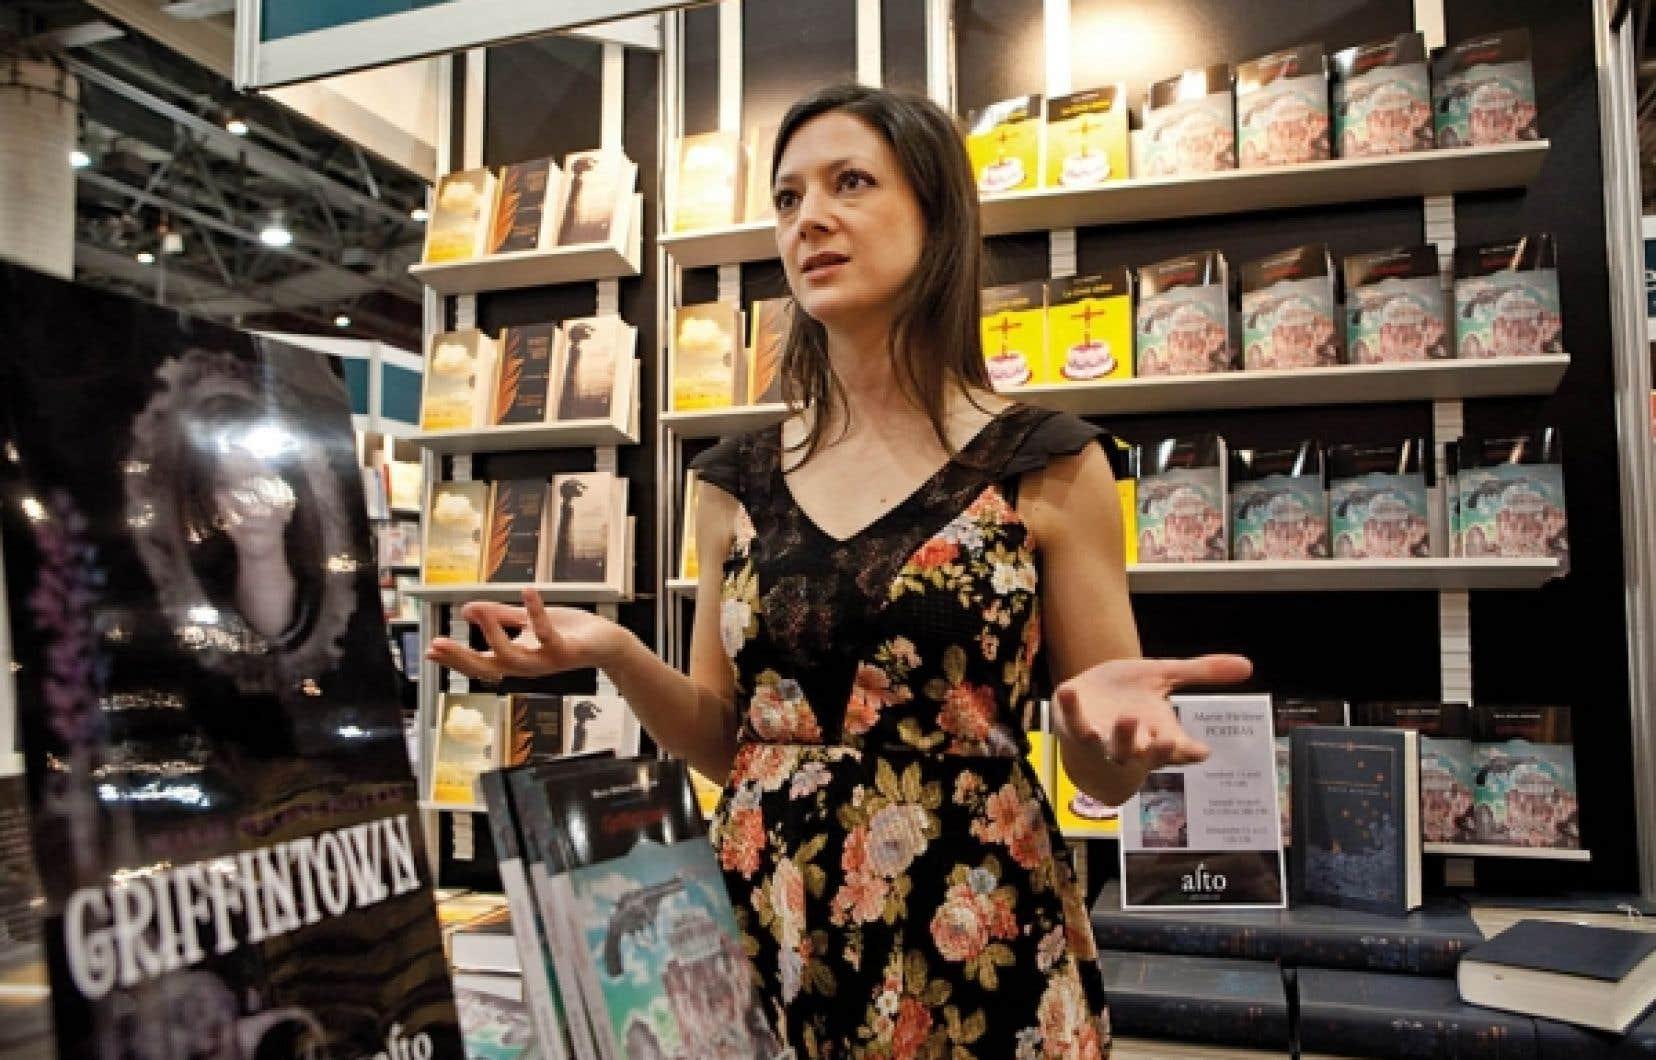 Les chevaux de ville représentent un patrimoine vivant, rappelle l'auteure Marie Hélène Poitras, qui était au Salon du livre de Québec pour y présenter son roman Griffintow.<br />